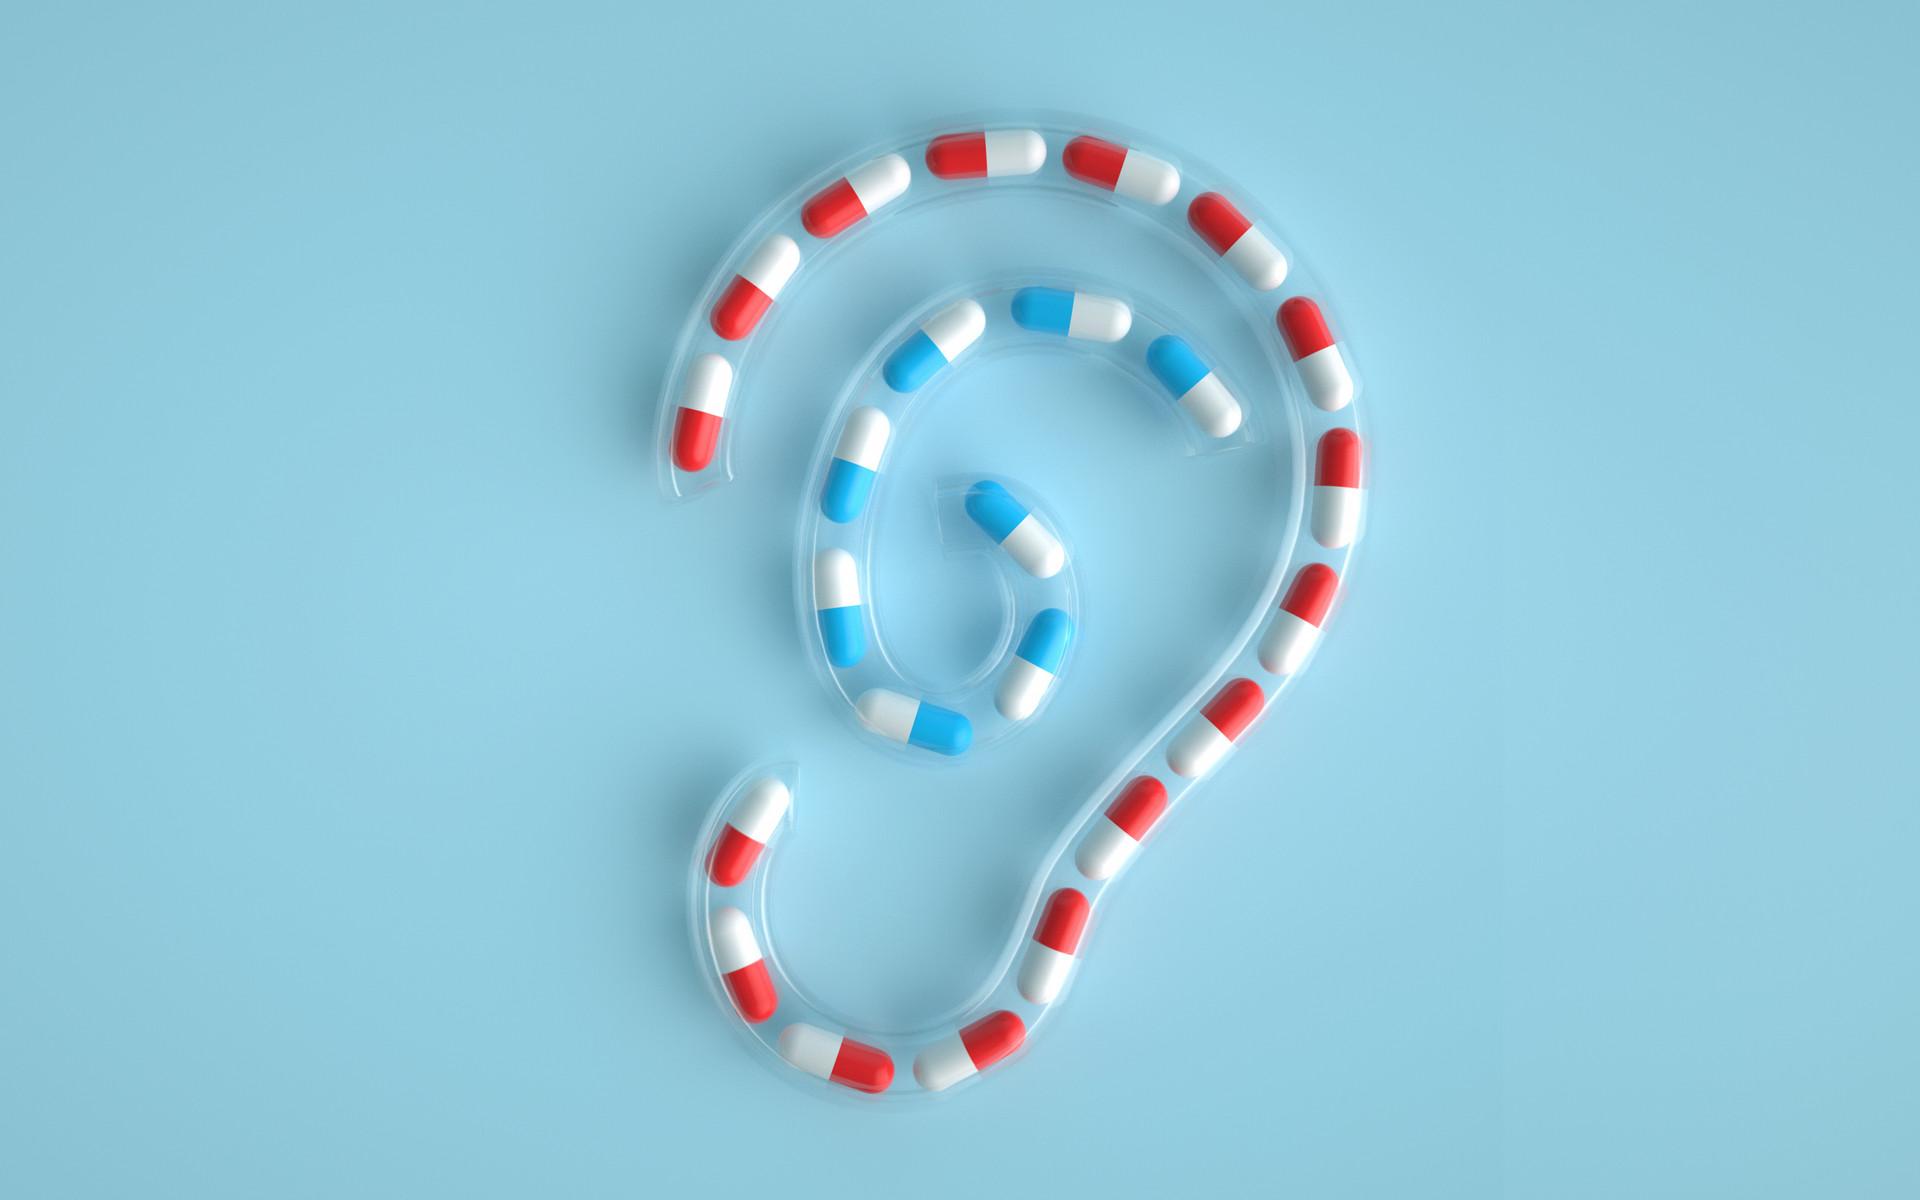 抗疟神药青蒿素,有望治疗先天性耳聋